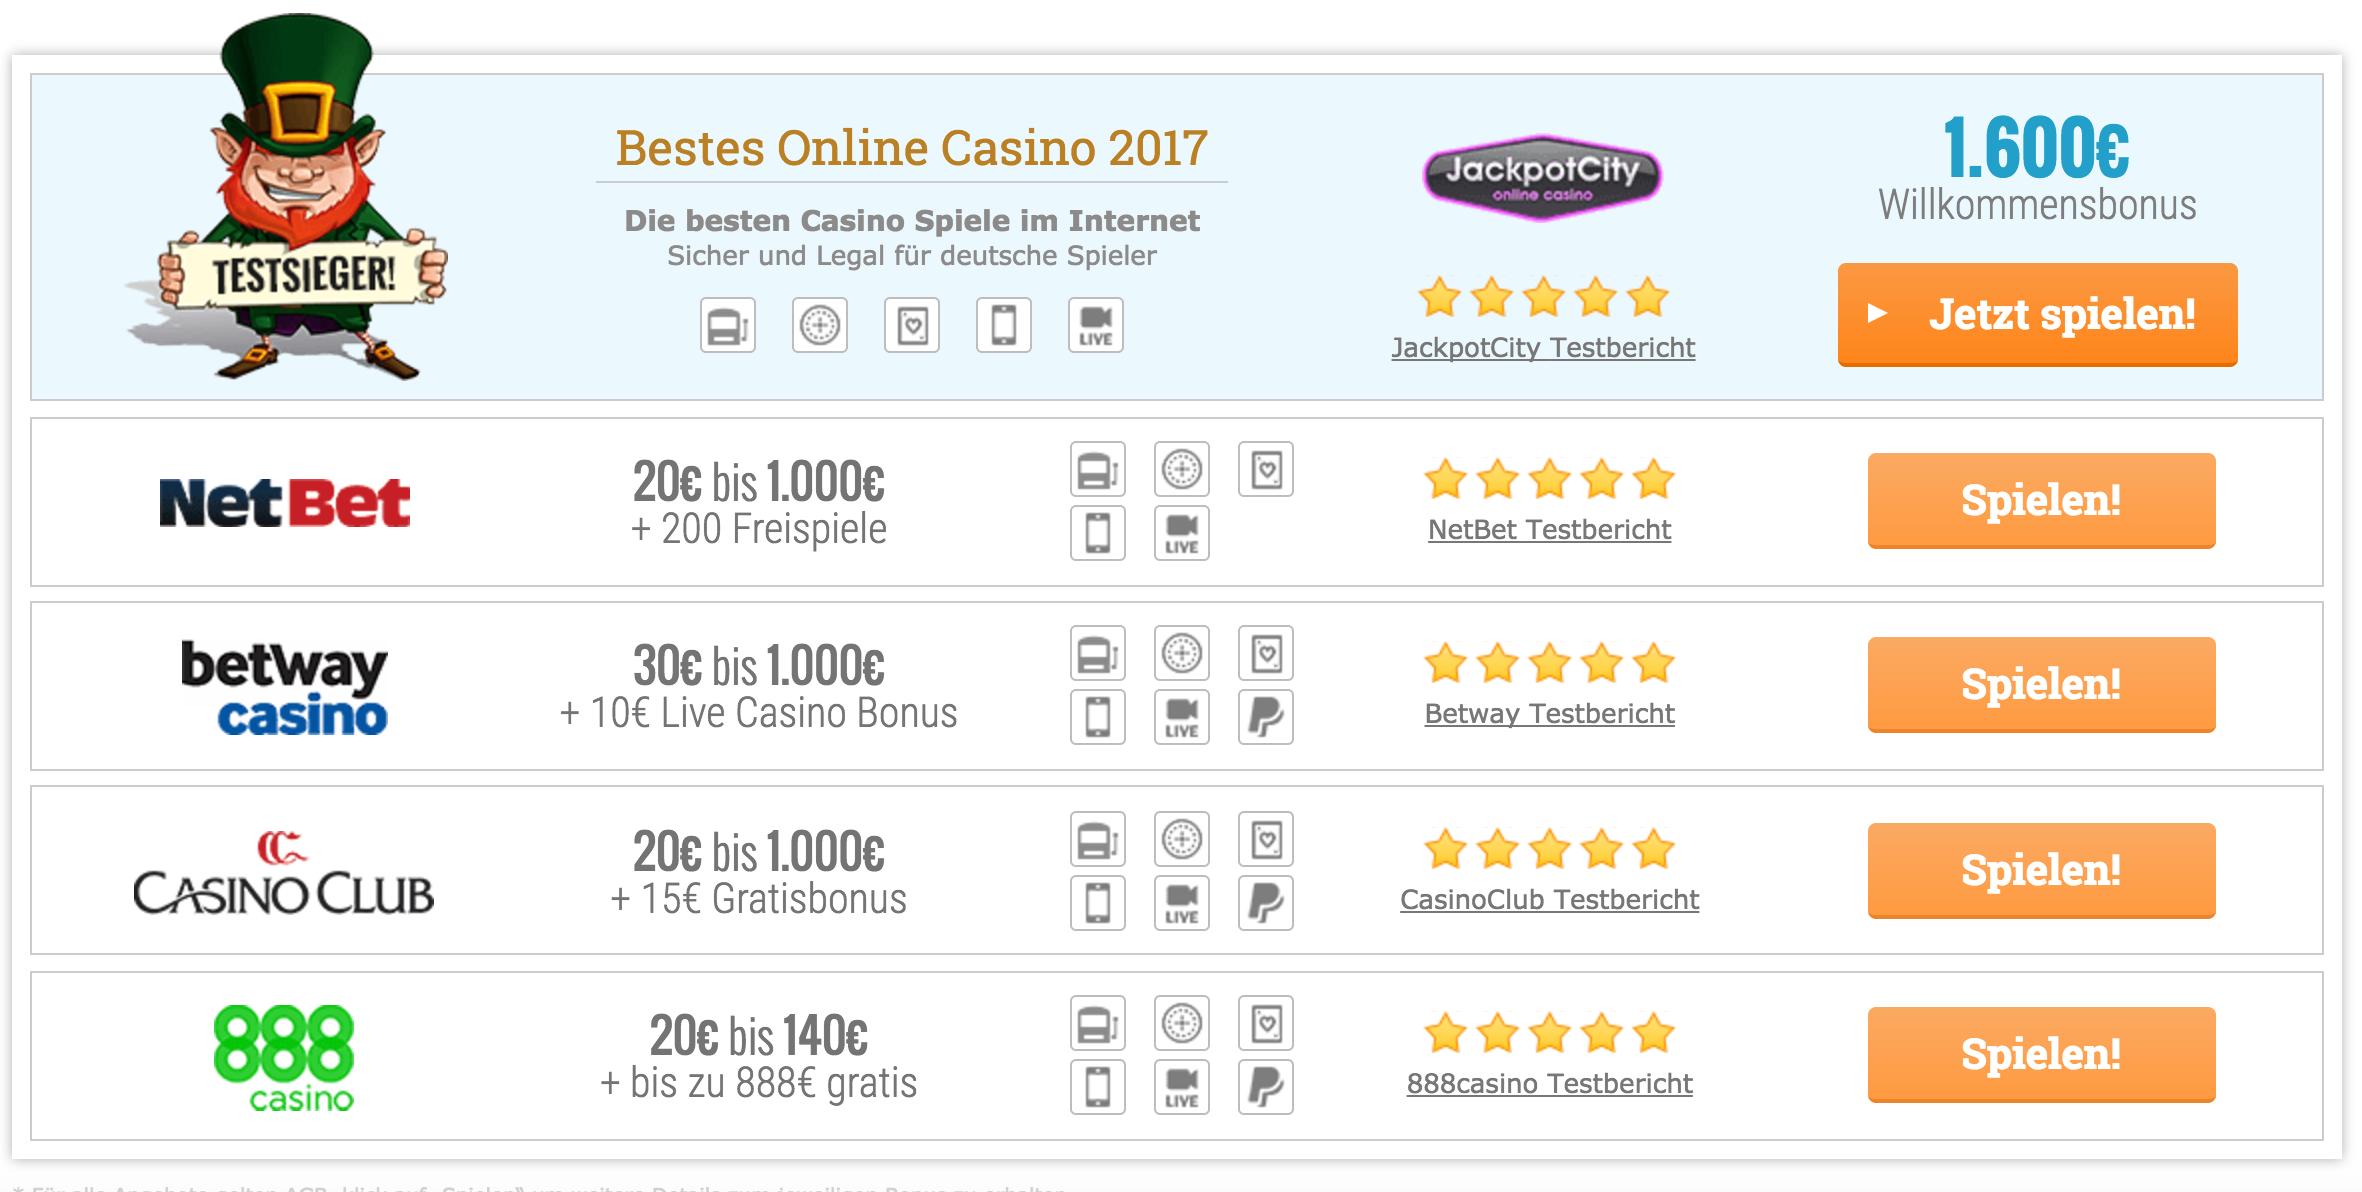 BestesOnlineCasino_org